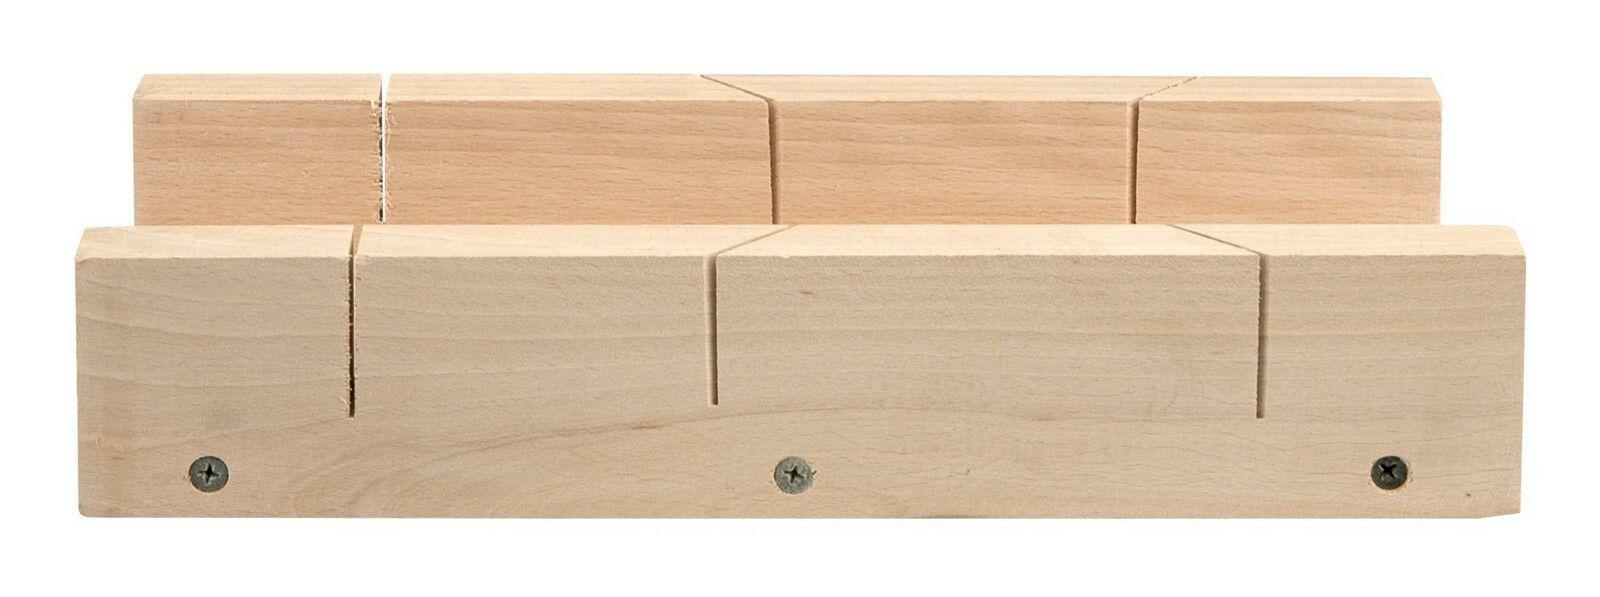 Přípravek na řezání úhlů 300 x 80 mm dřevěný TOYA